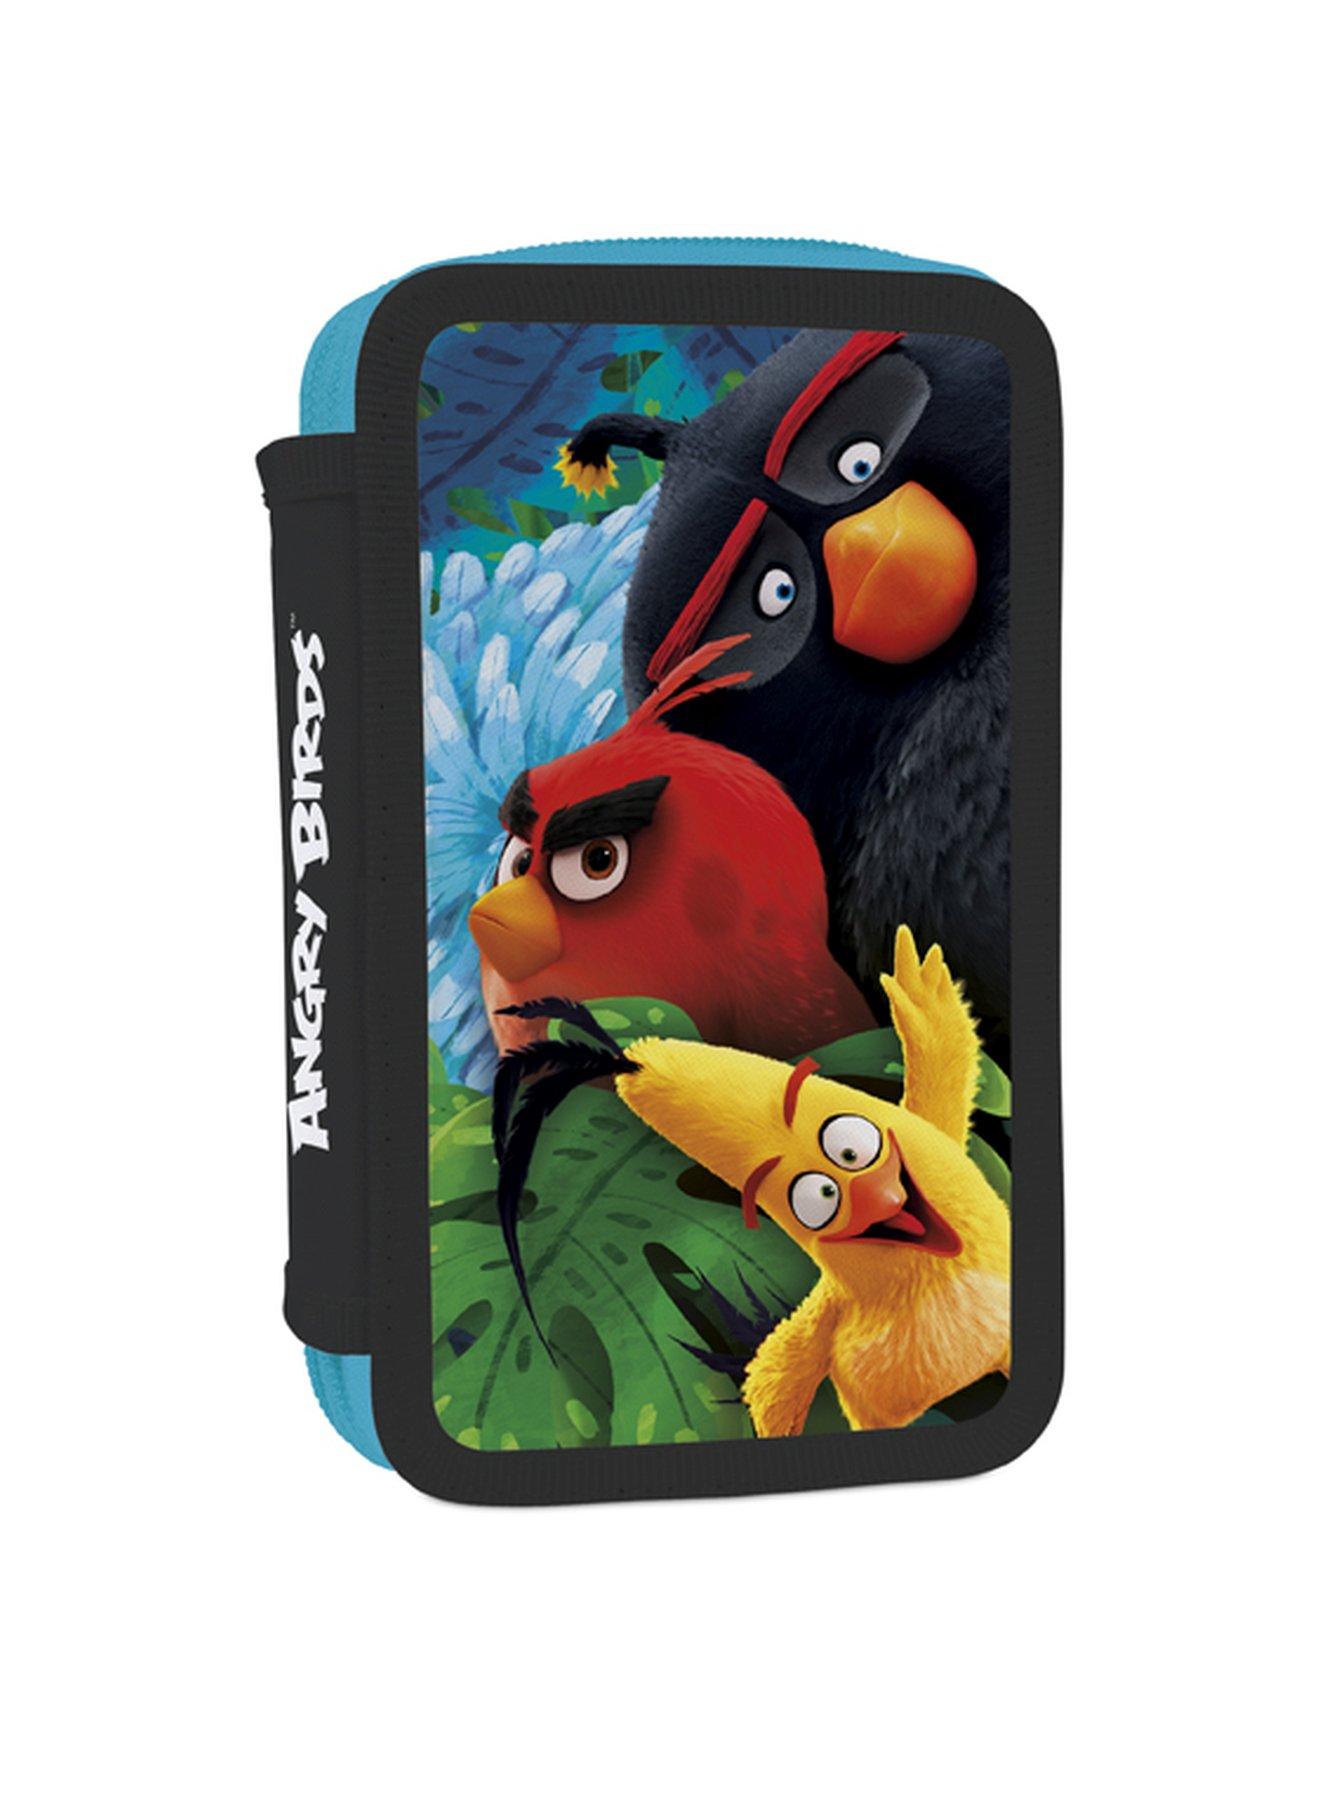 Penál 3 p. prázdný Angry Birds Movie - Školní potřeby » PENÁLY ... a1a9802d3f